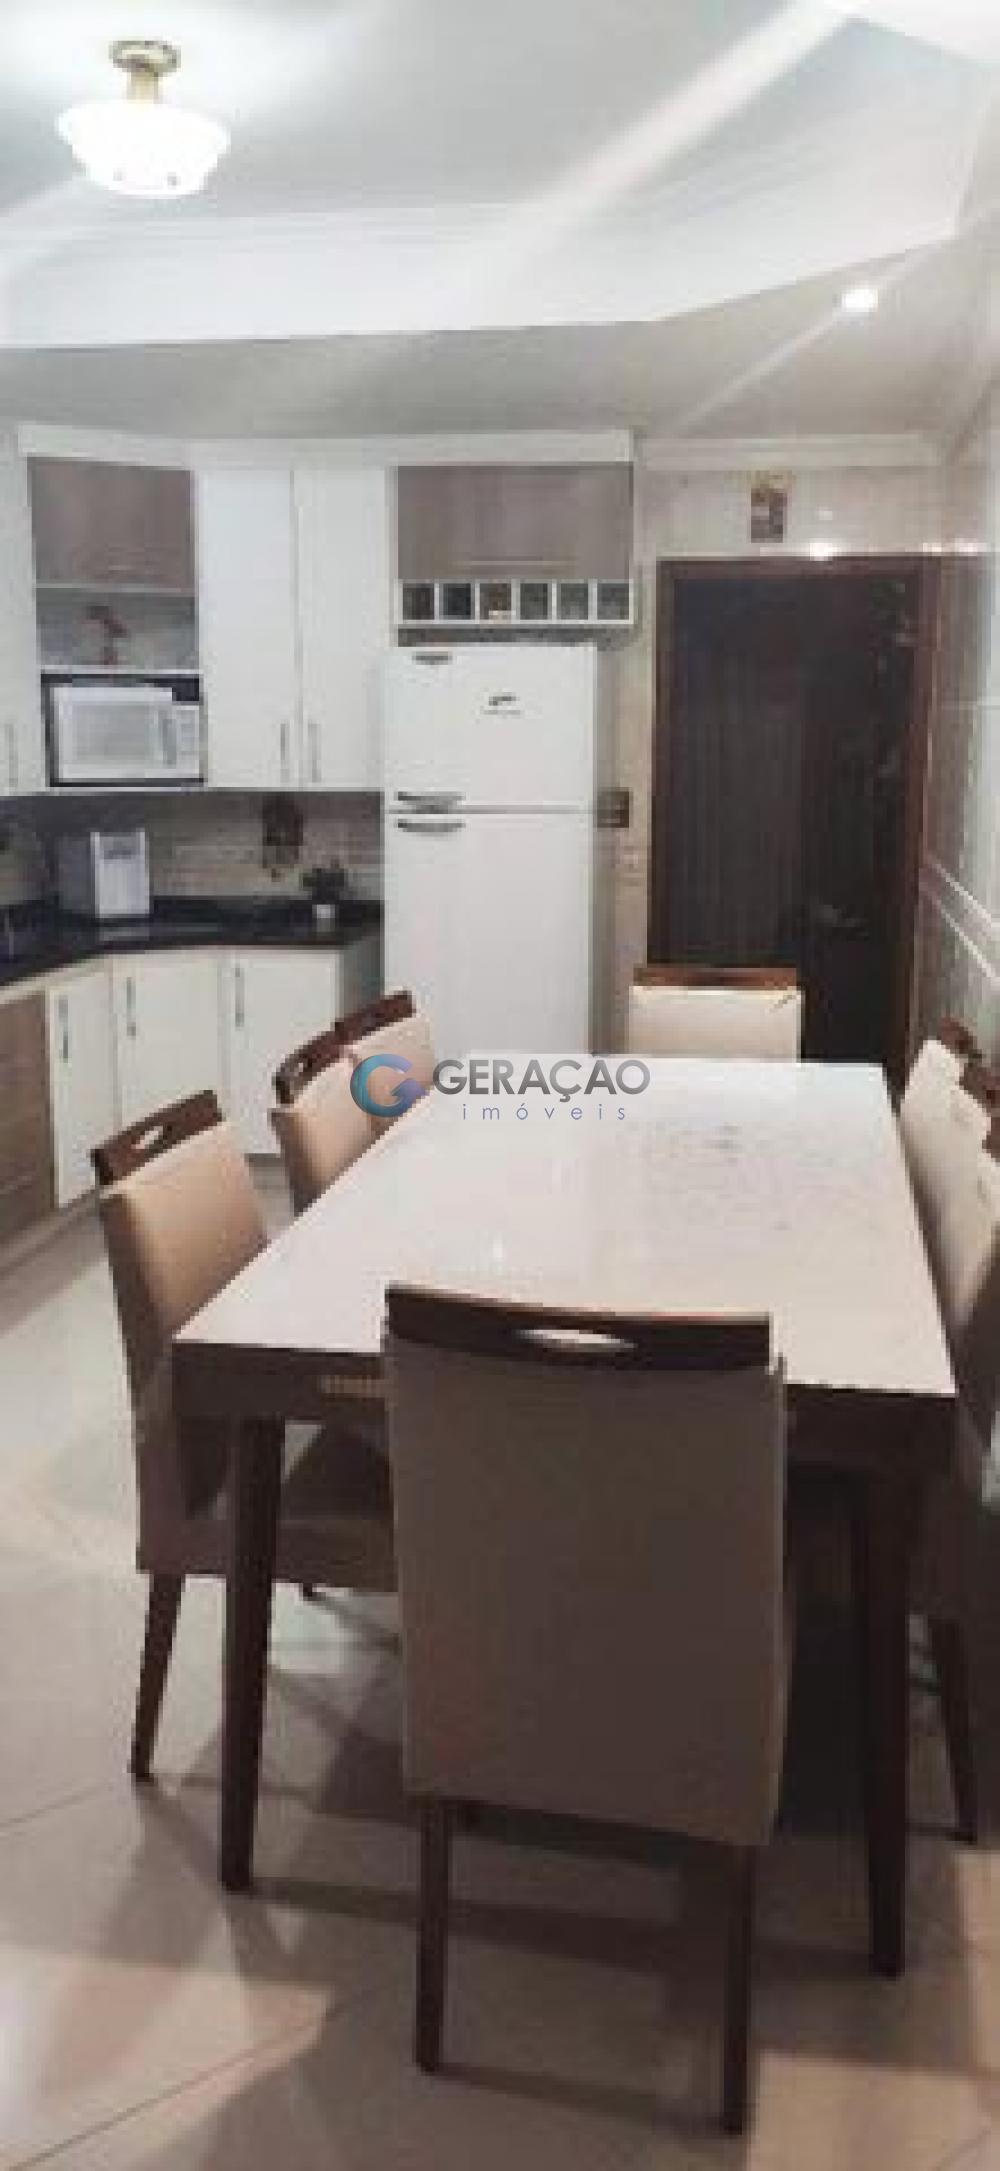 Comprar Casa / Padrão em São José dos Campos R$ 490.000,00 - Foto 2